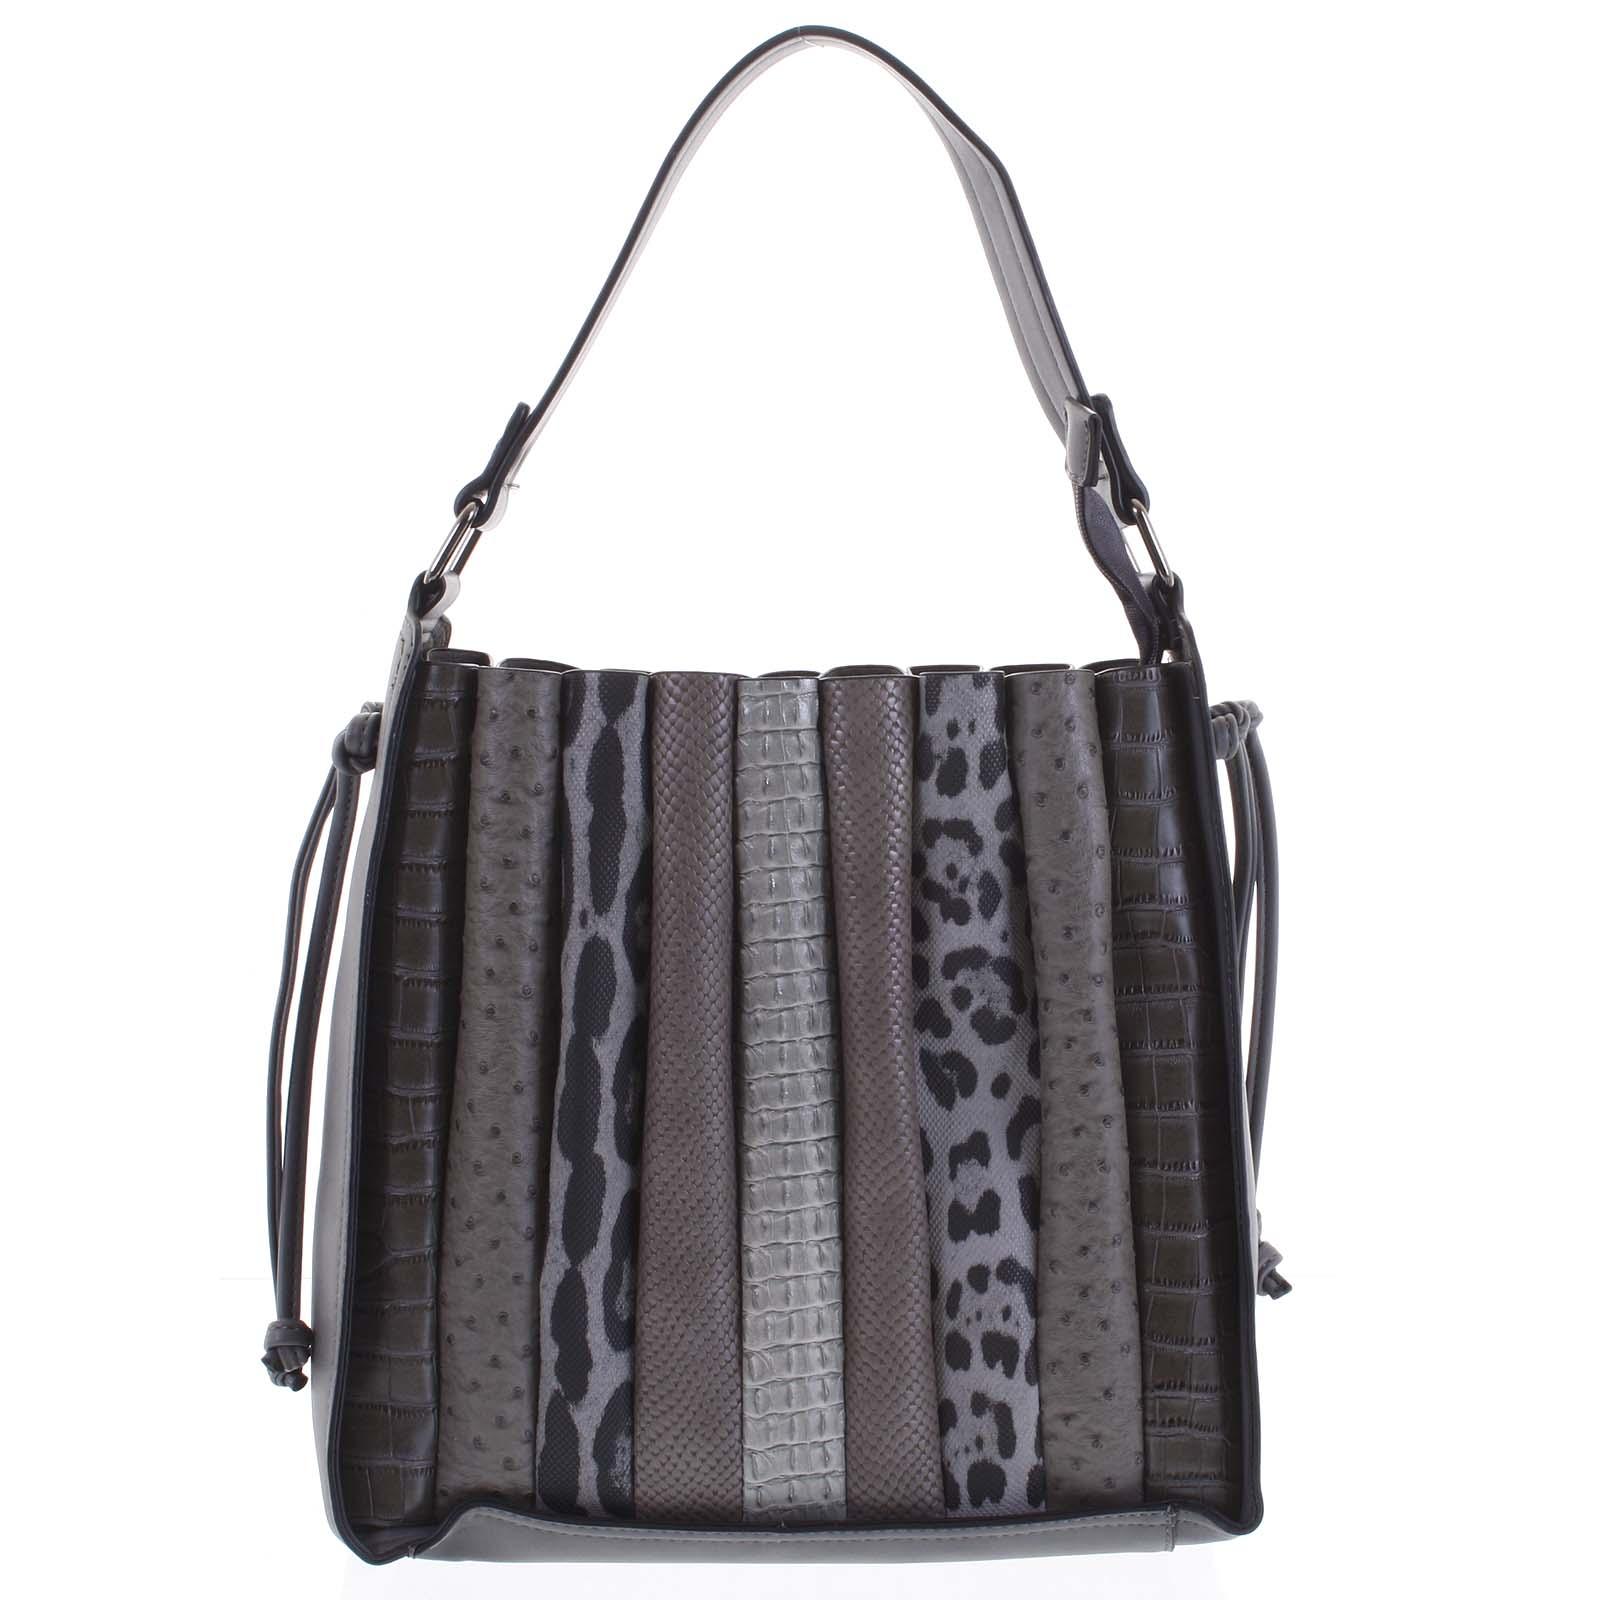 Dámská kabelka přes rameno tmavě šedá - Dudlin Pruet